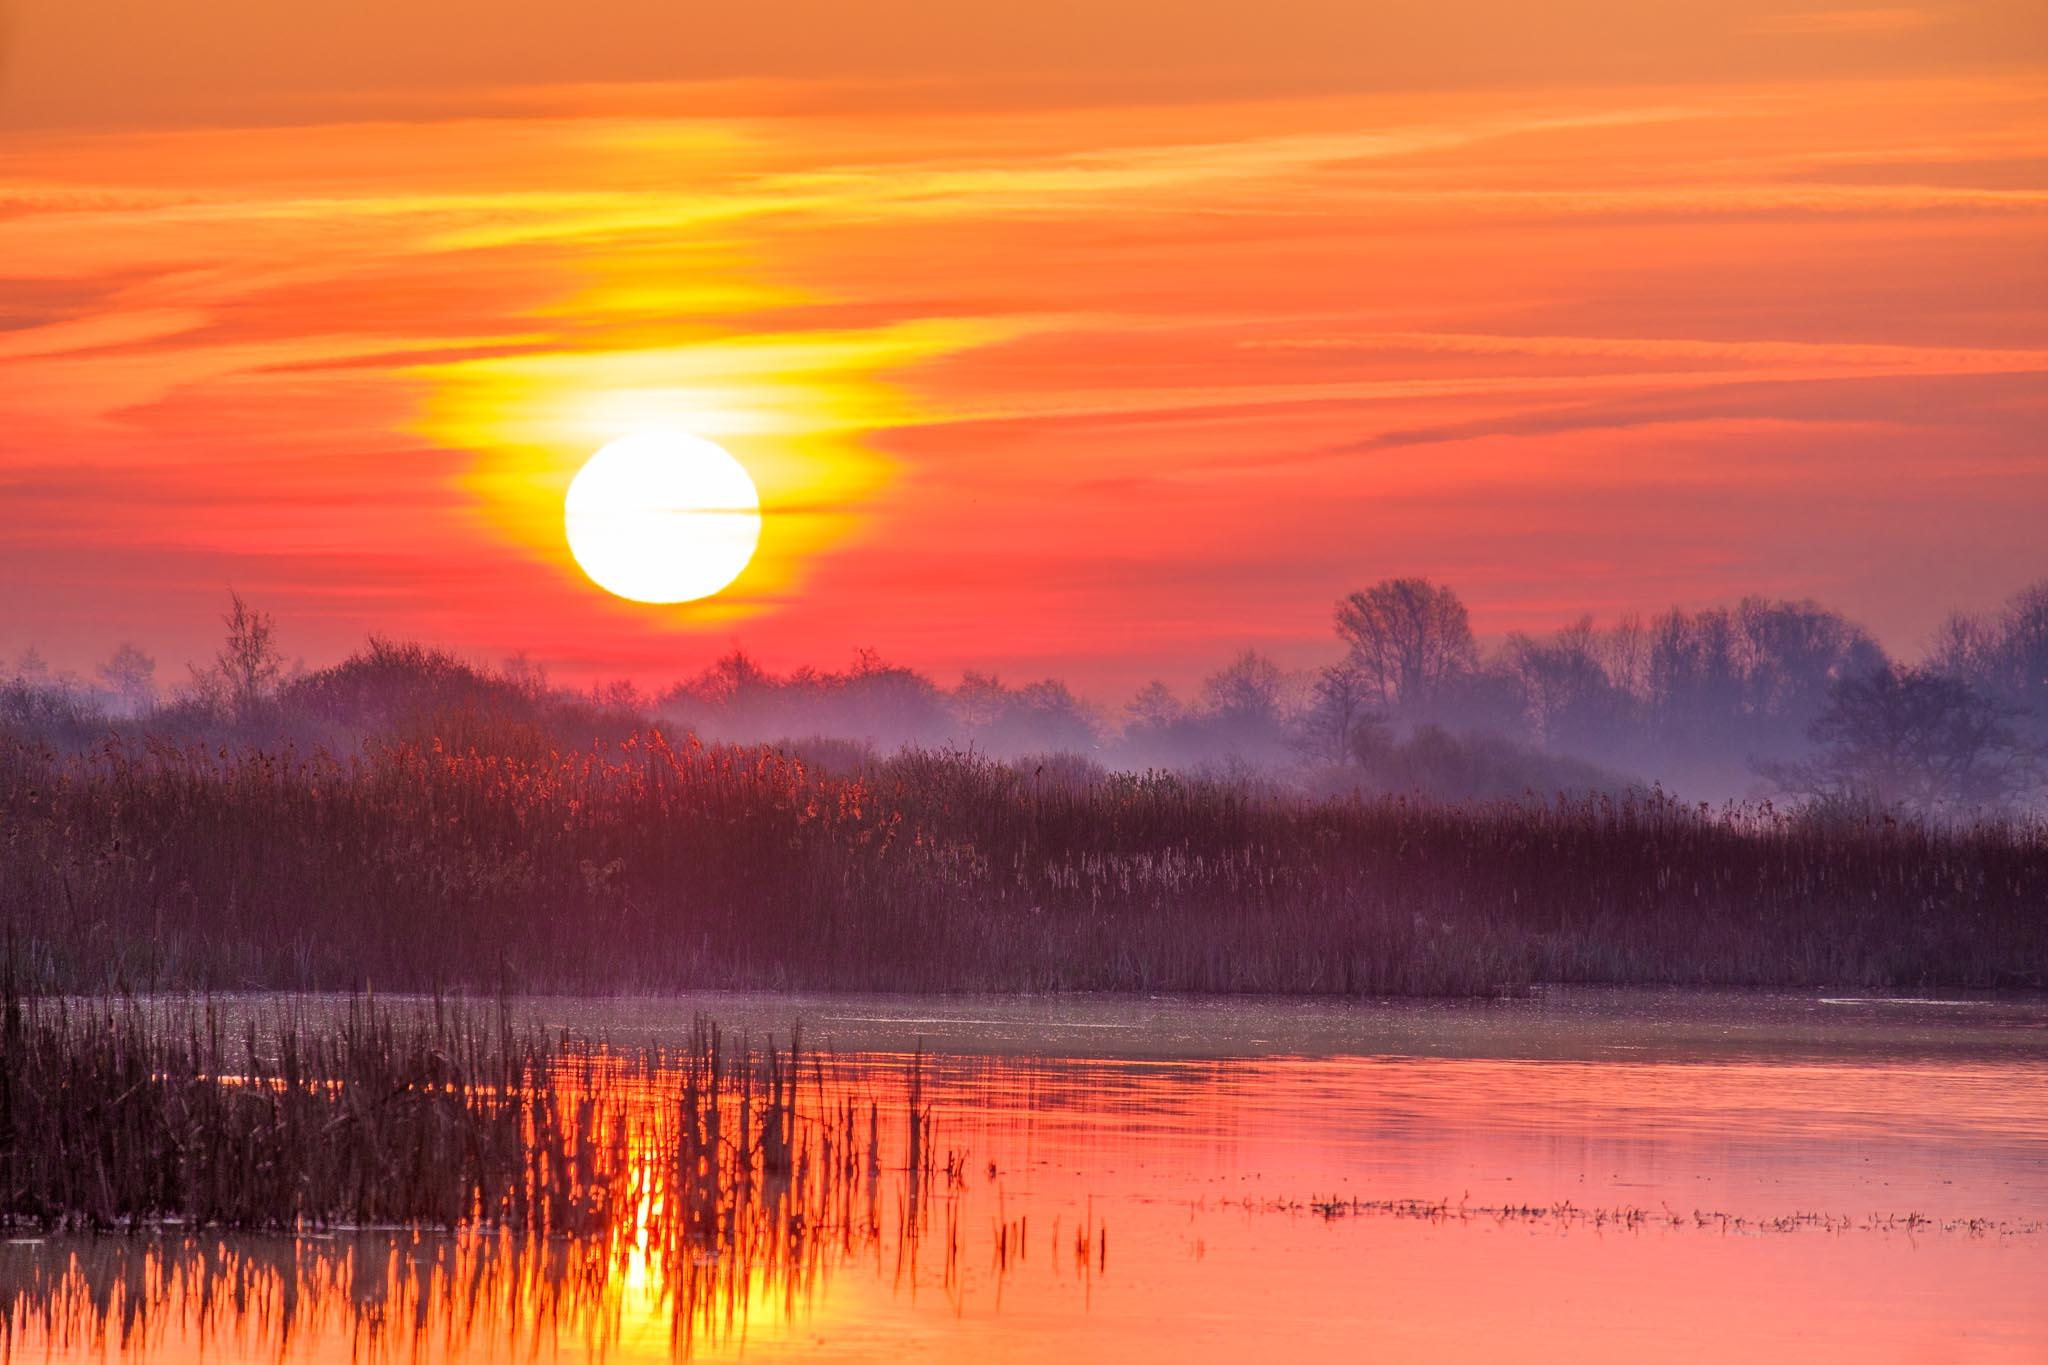 Red-Orange-Purple colors during sunrise